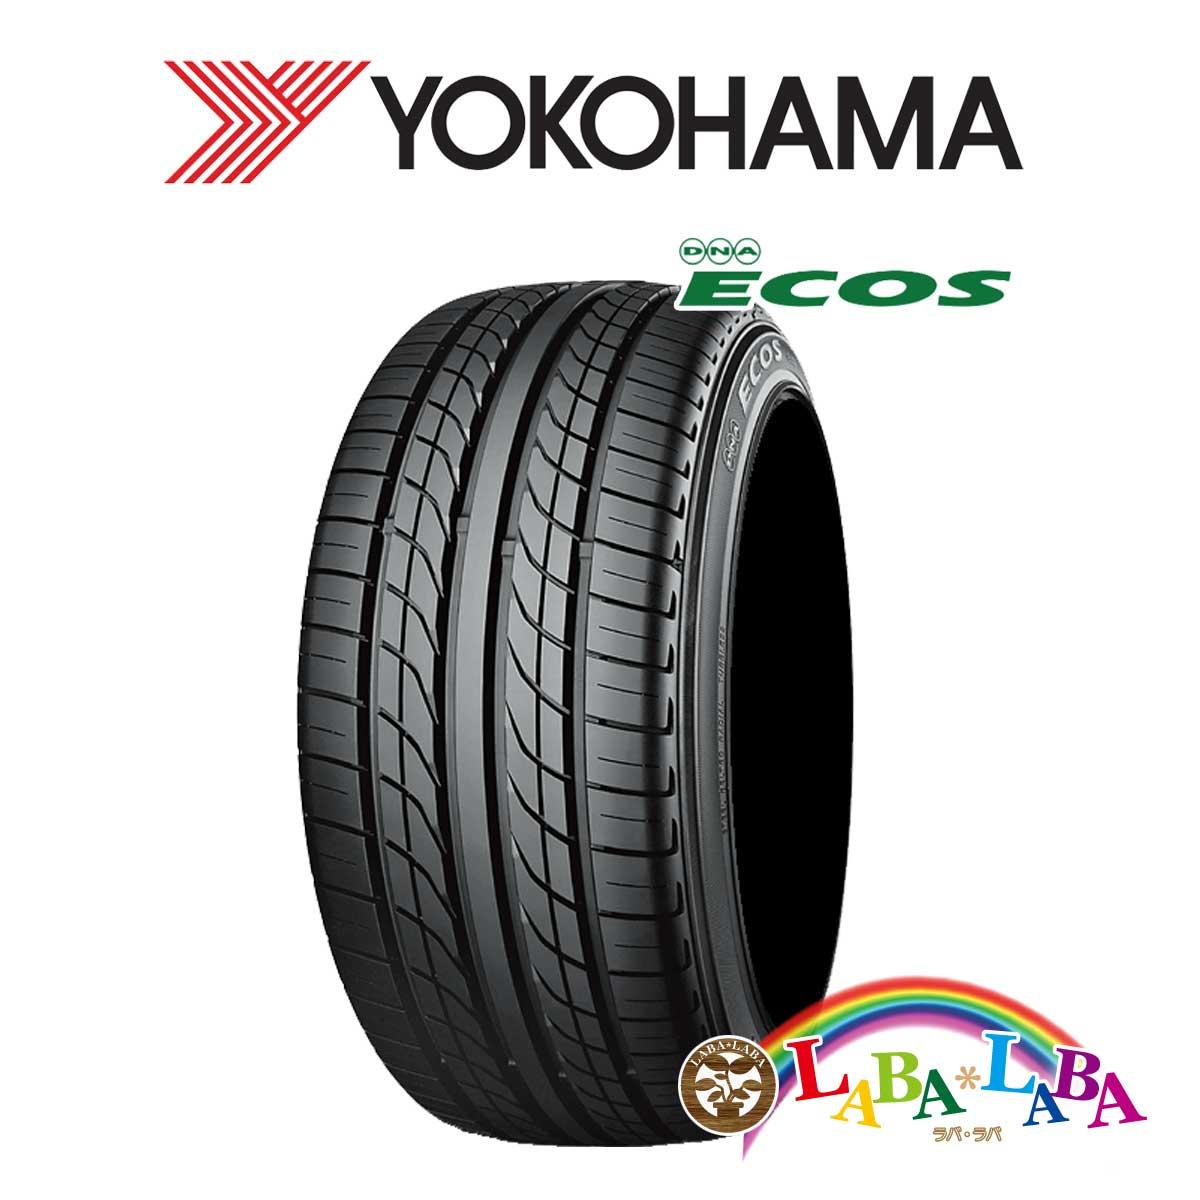 送料無料 国産タイヤ サマータイヤ 新品 タイヤのみ 低廉 4本SET YOKOHAMA ヨコハマ 80R12 4本セット エコス 74S ブランド買うならブランドオフ ECOS 145 ES300